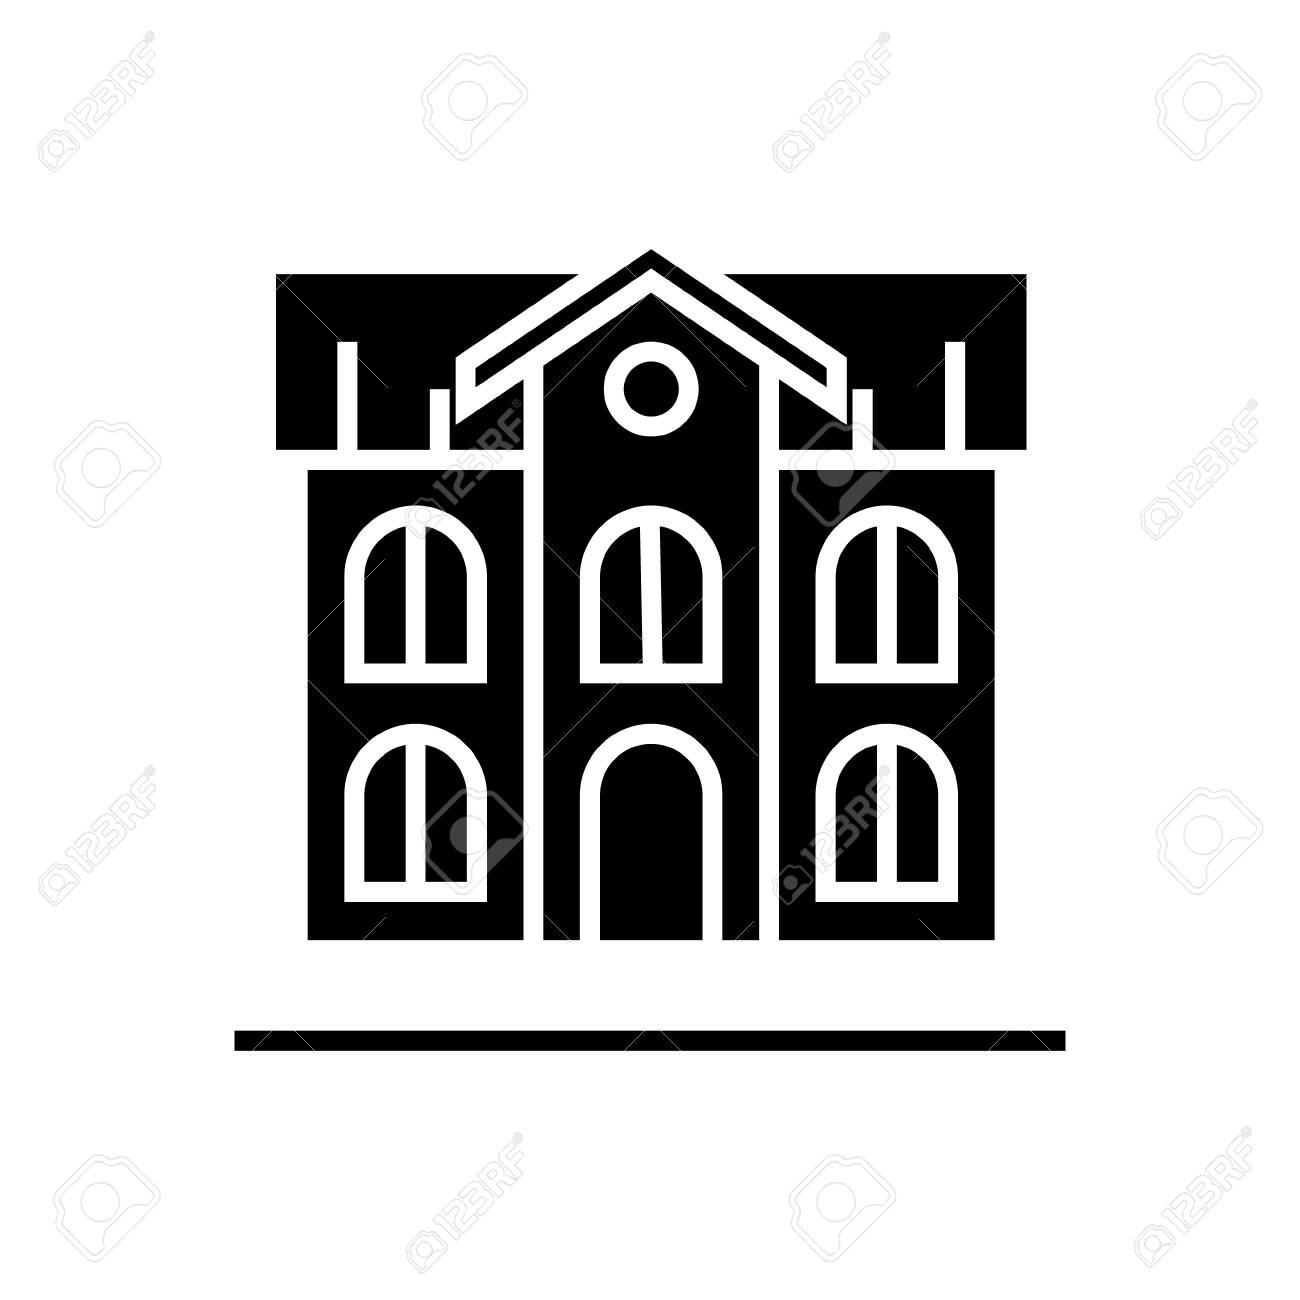 School building icon royalty free cliparts vectors and stock school building icon stock vector 88102563 biocorpaavc